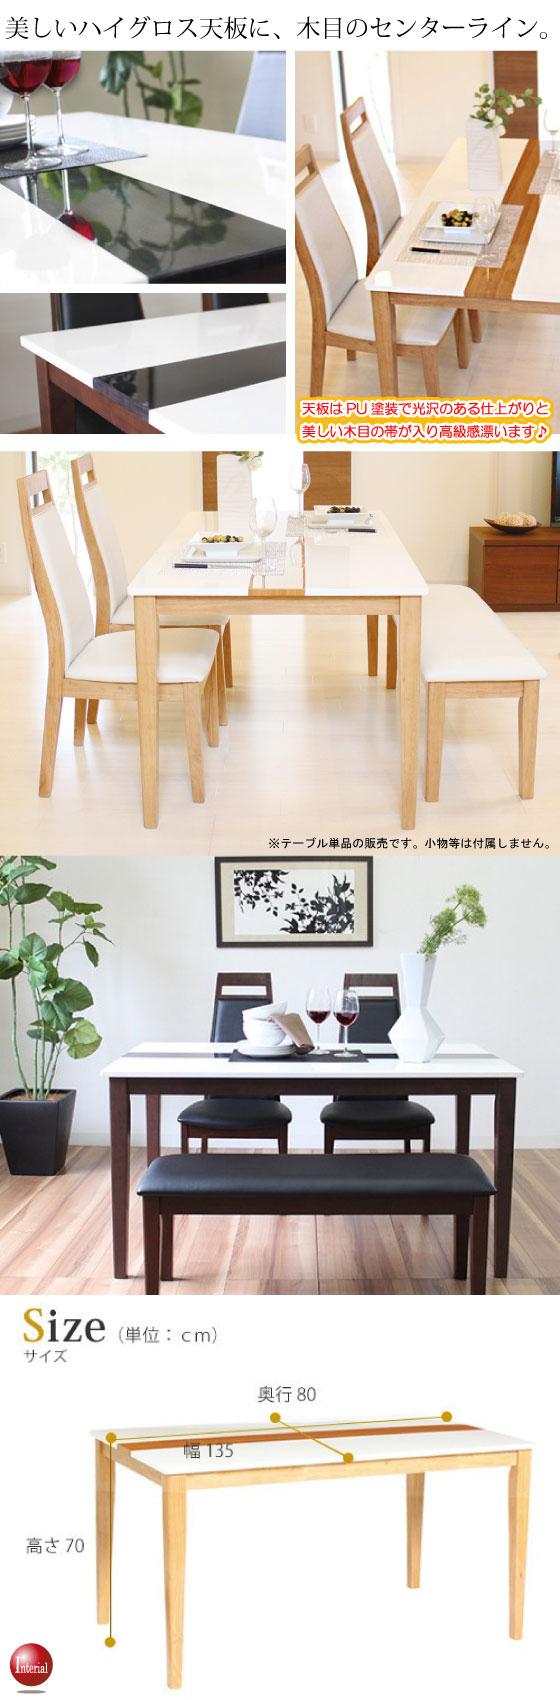 光沢塗装・幅135cmダイニングテーブル(ダークブラウン&ホワイト)